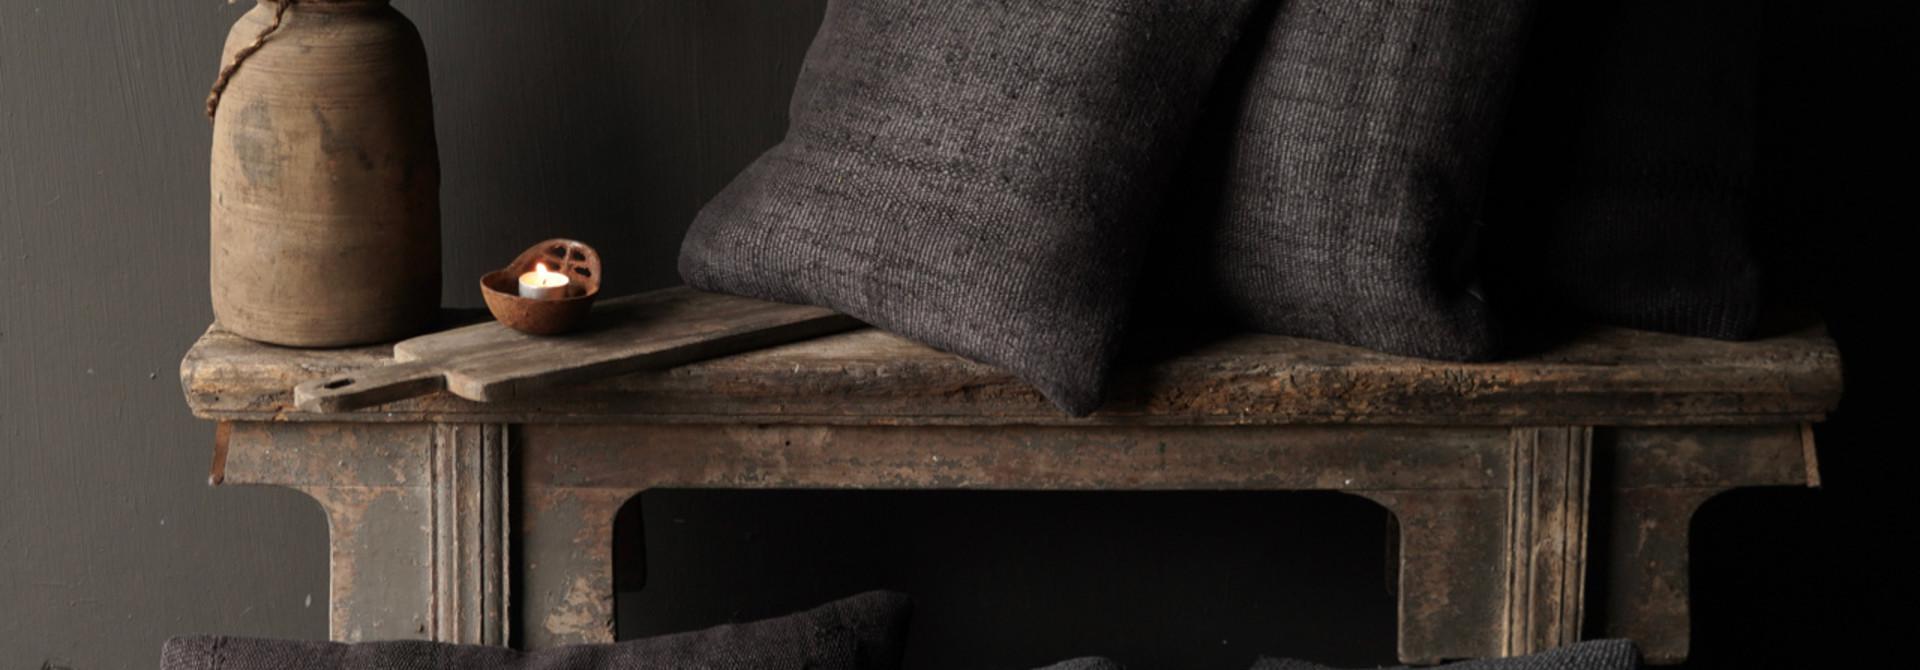 Hemp Kilim Cushions Black / Gray